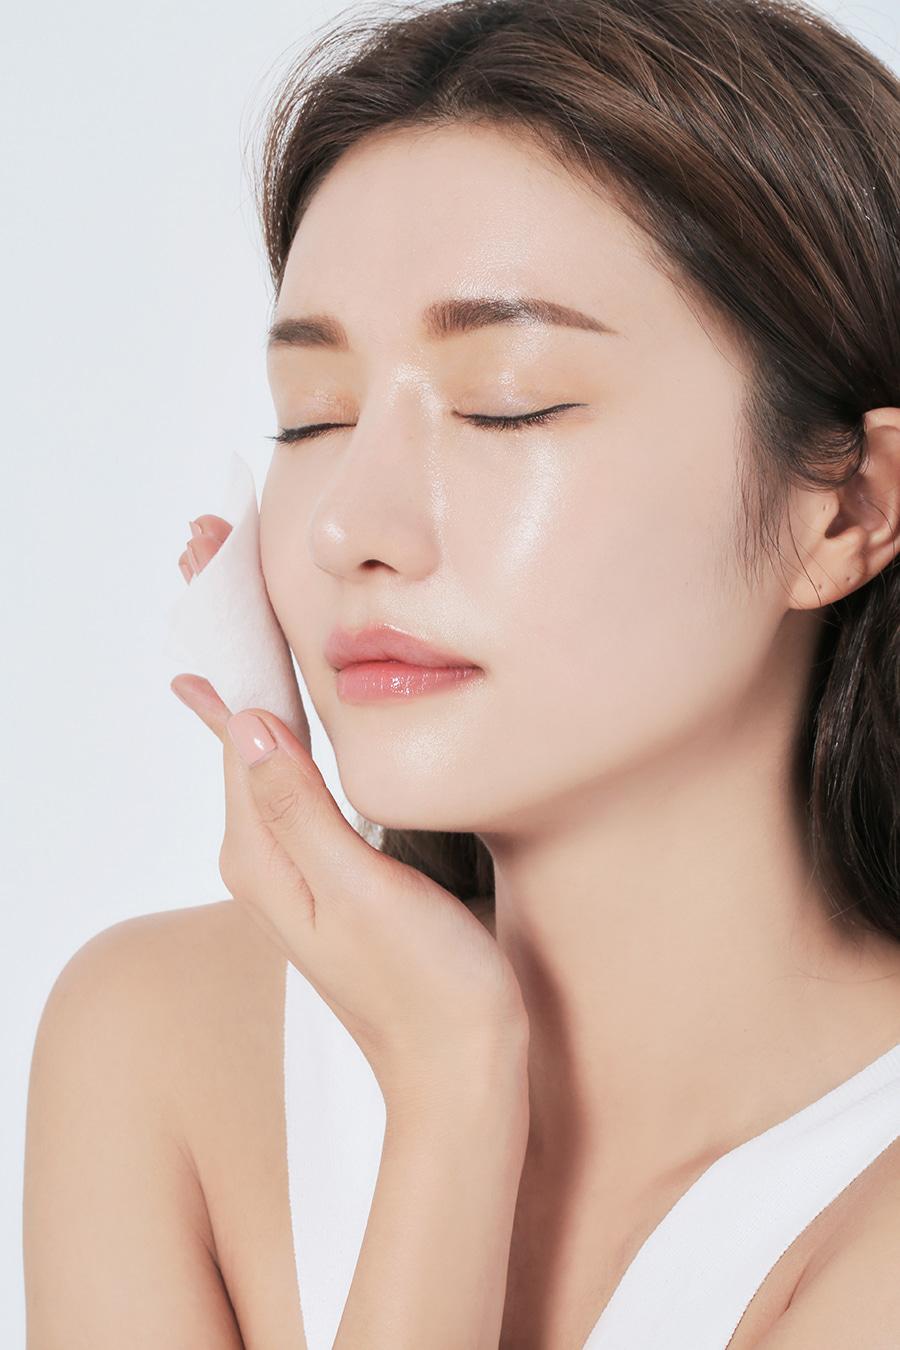 洗顔後は素早く保湿